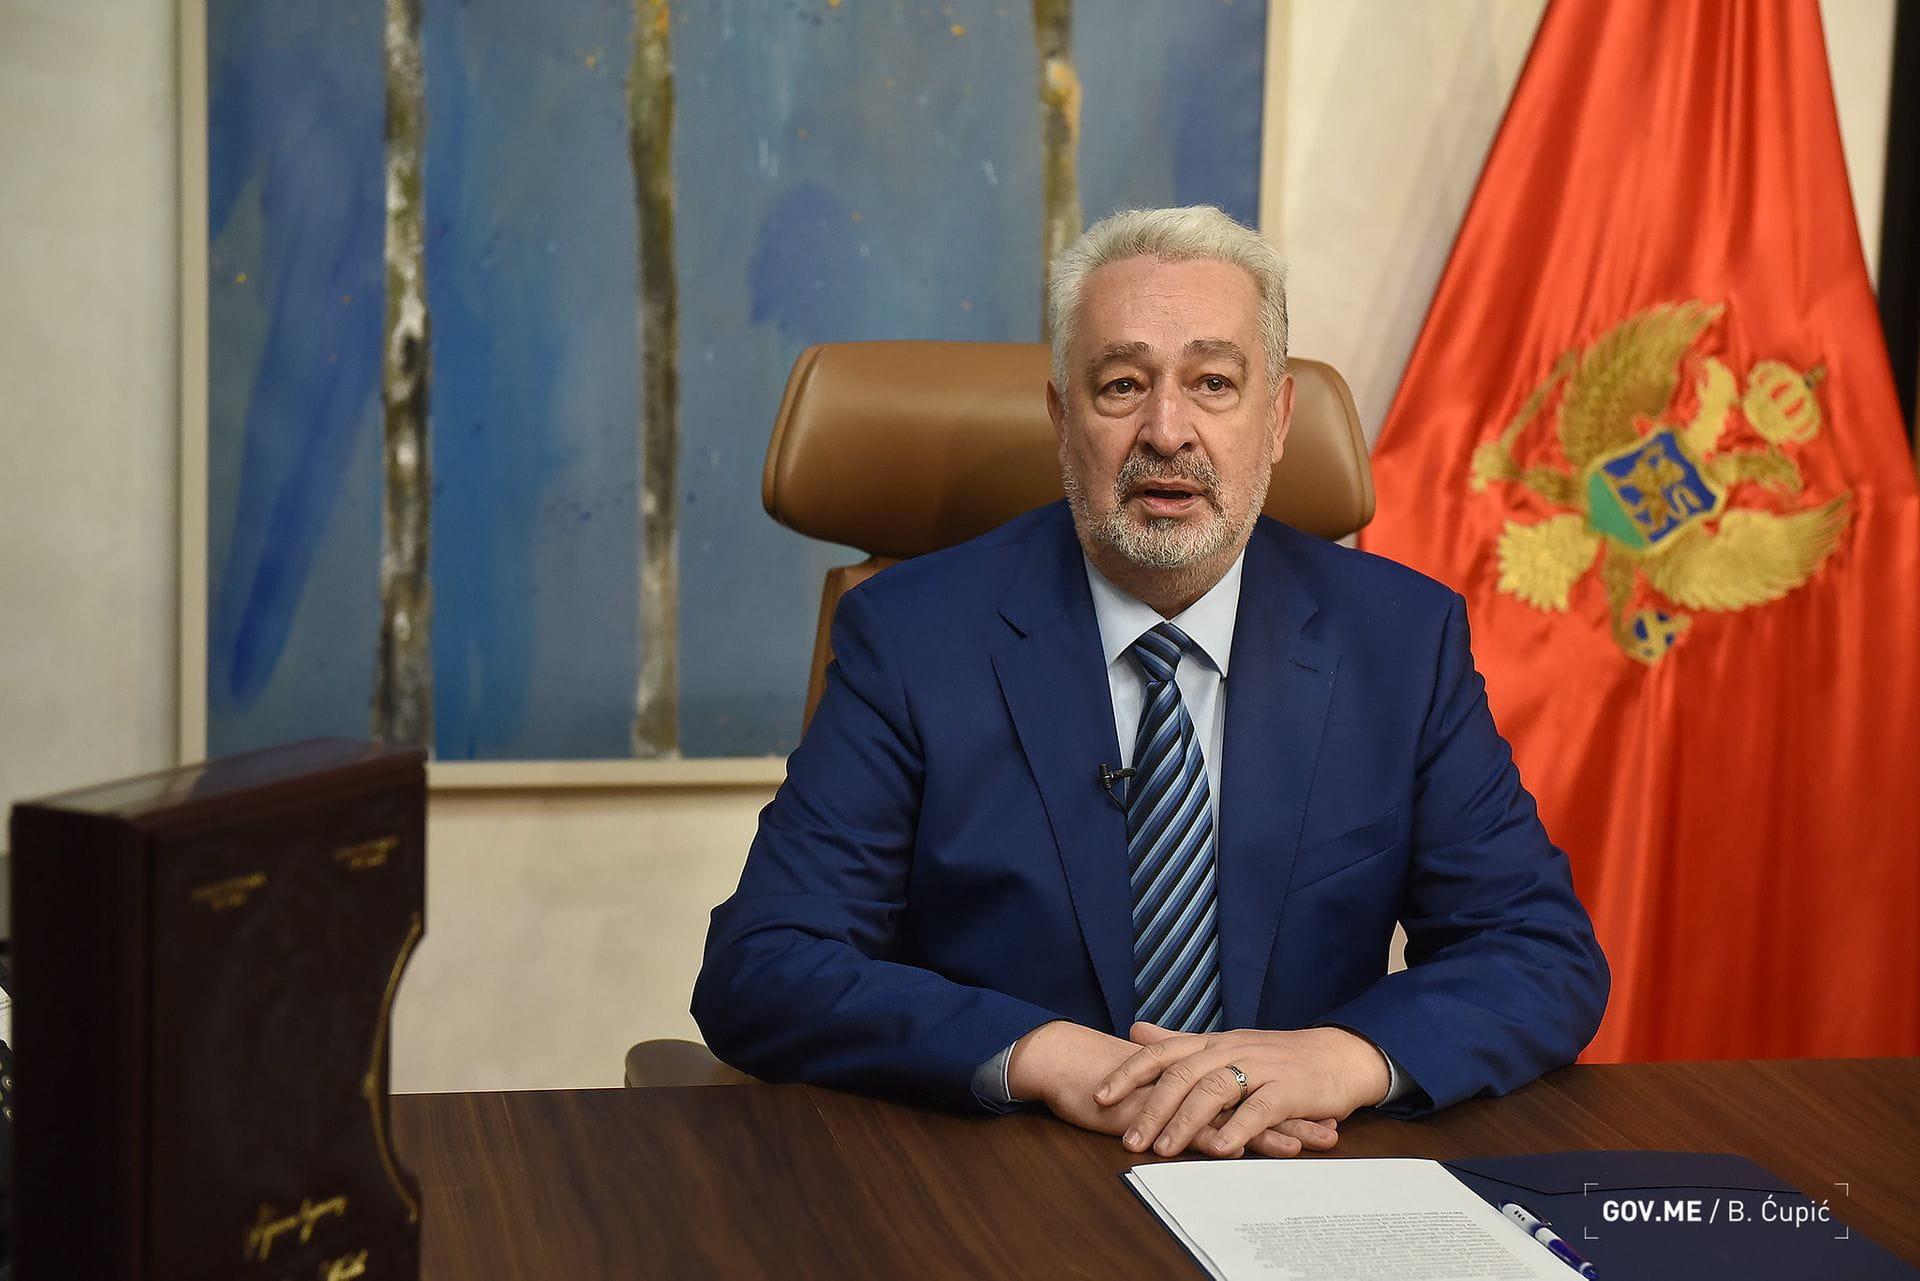 Кривокапић: Атак на имовину кренуо већ формирањем те такозване Црногорске православне цркве